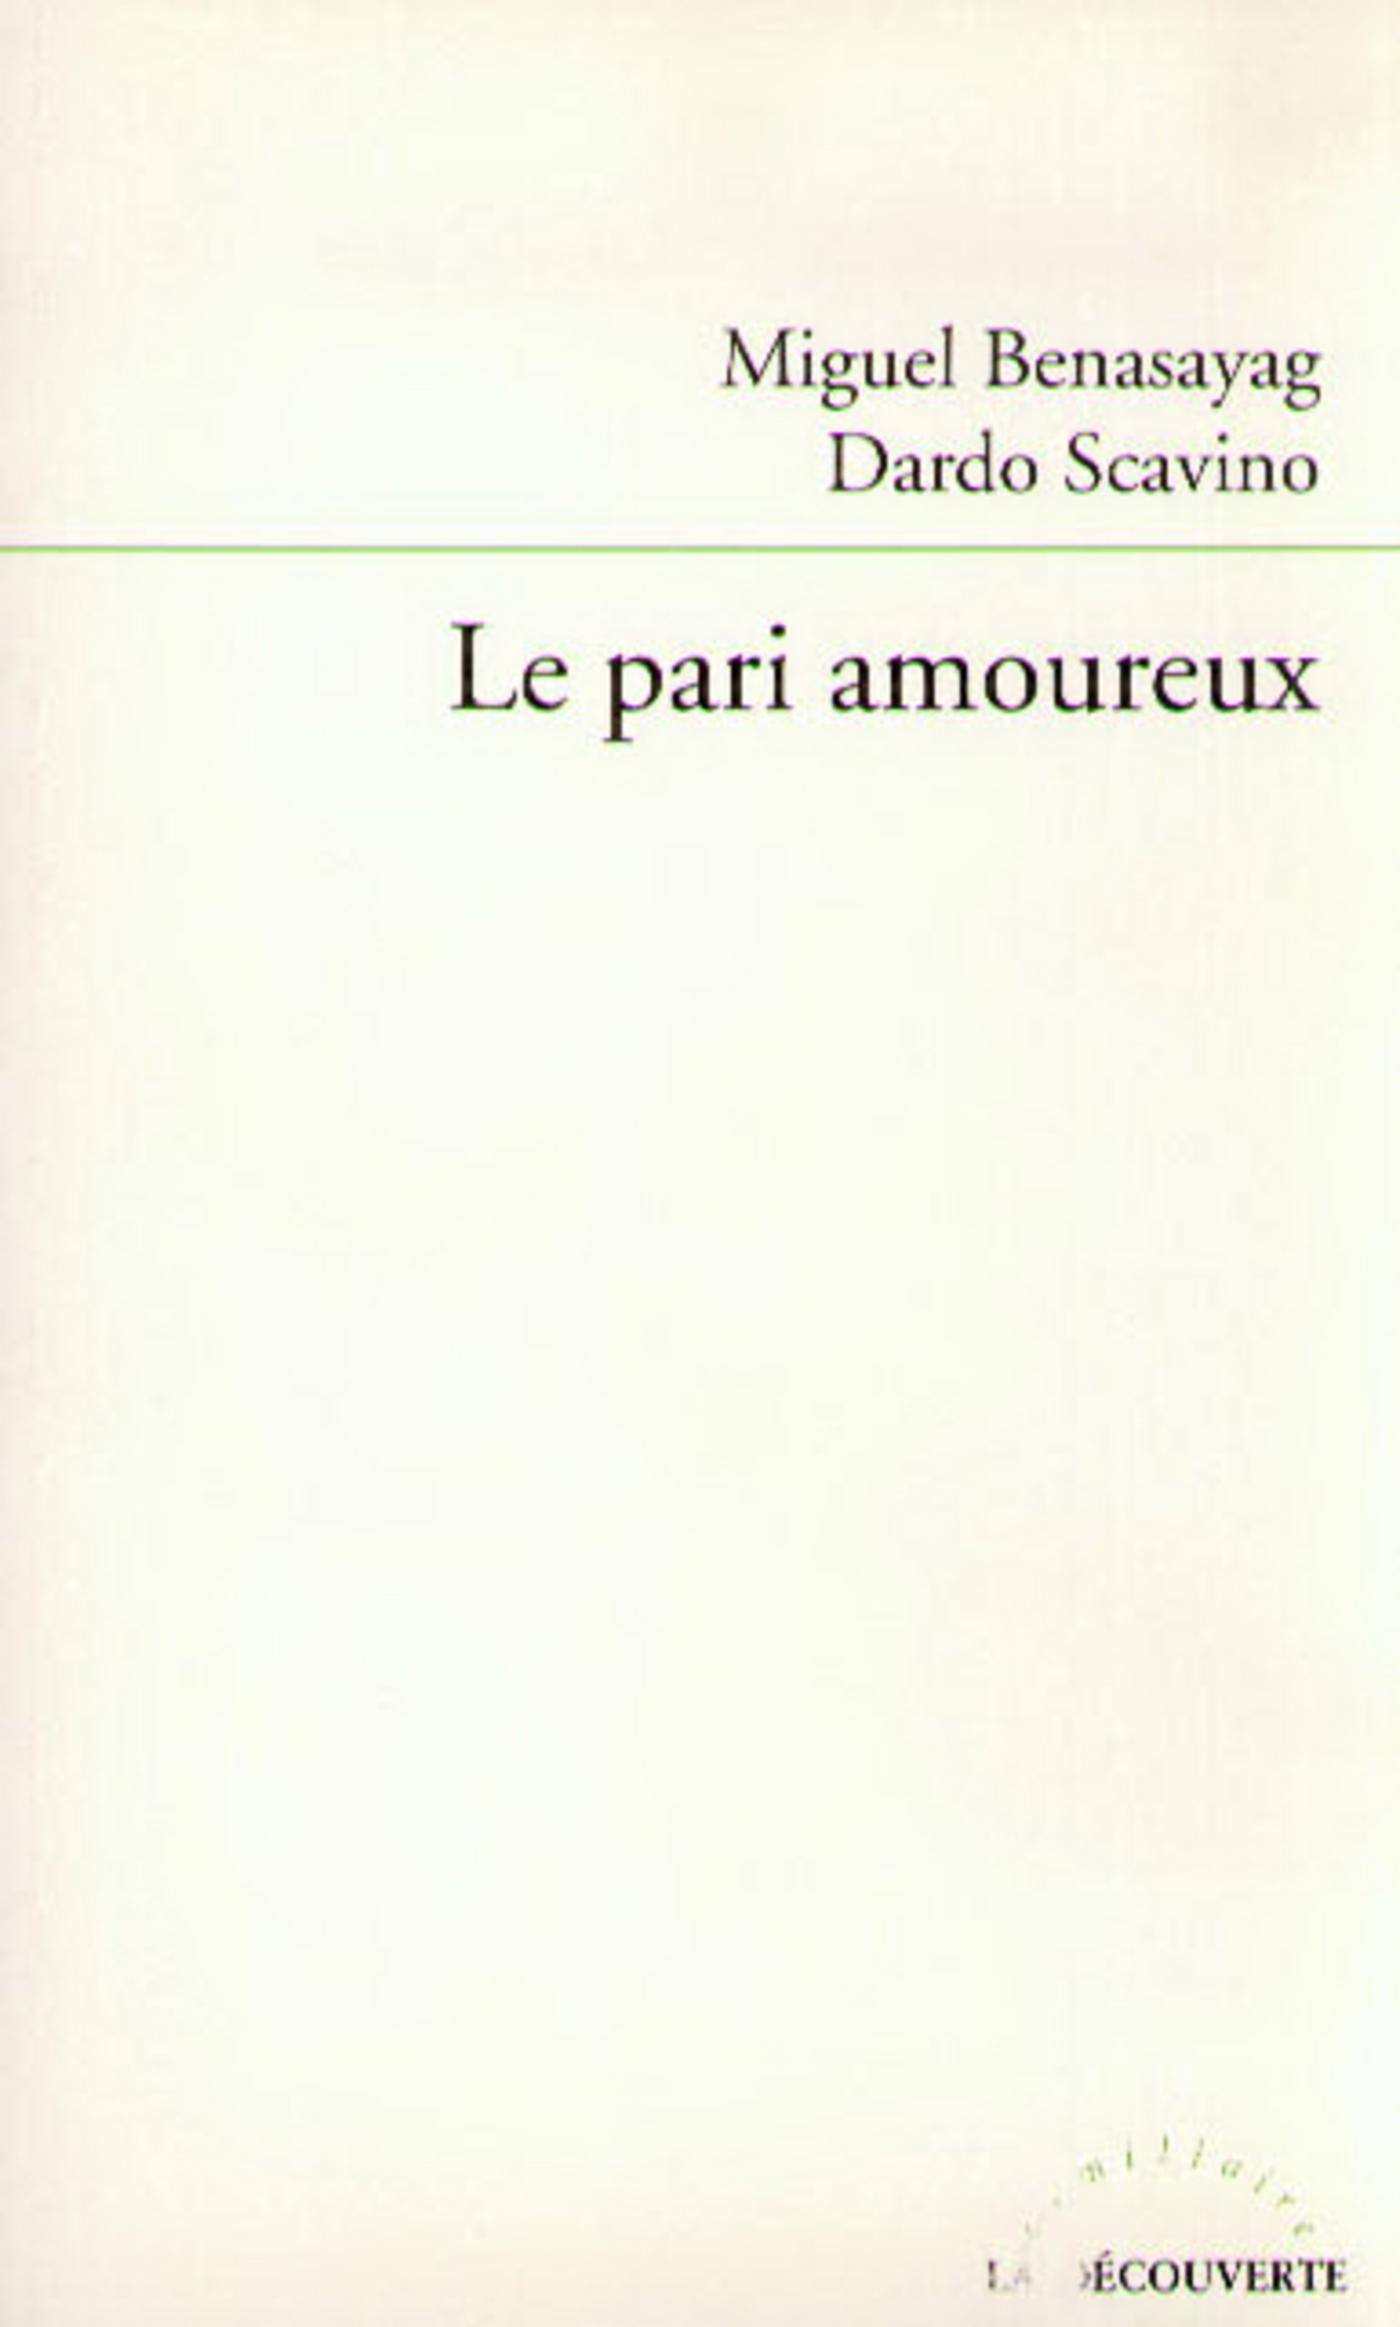 Le pari amoureux (ebook)